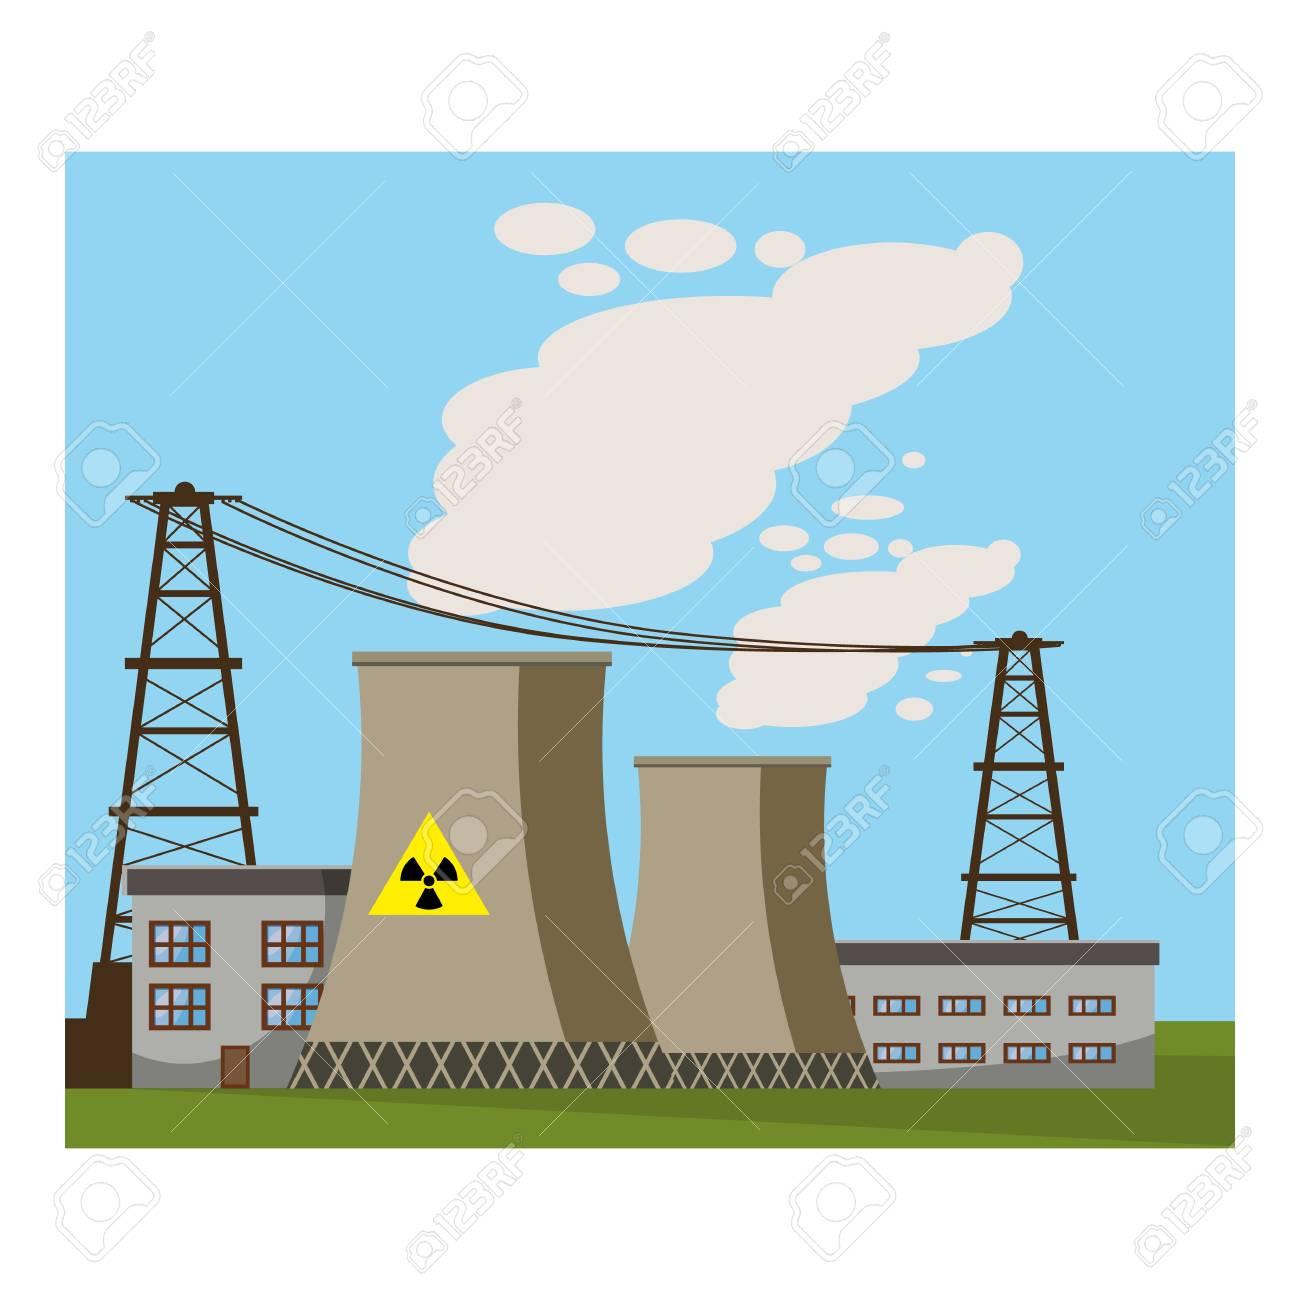 Icono De La Planta De Energía Nuclear Ilustración De Dibujos